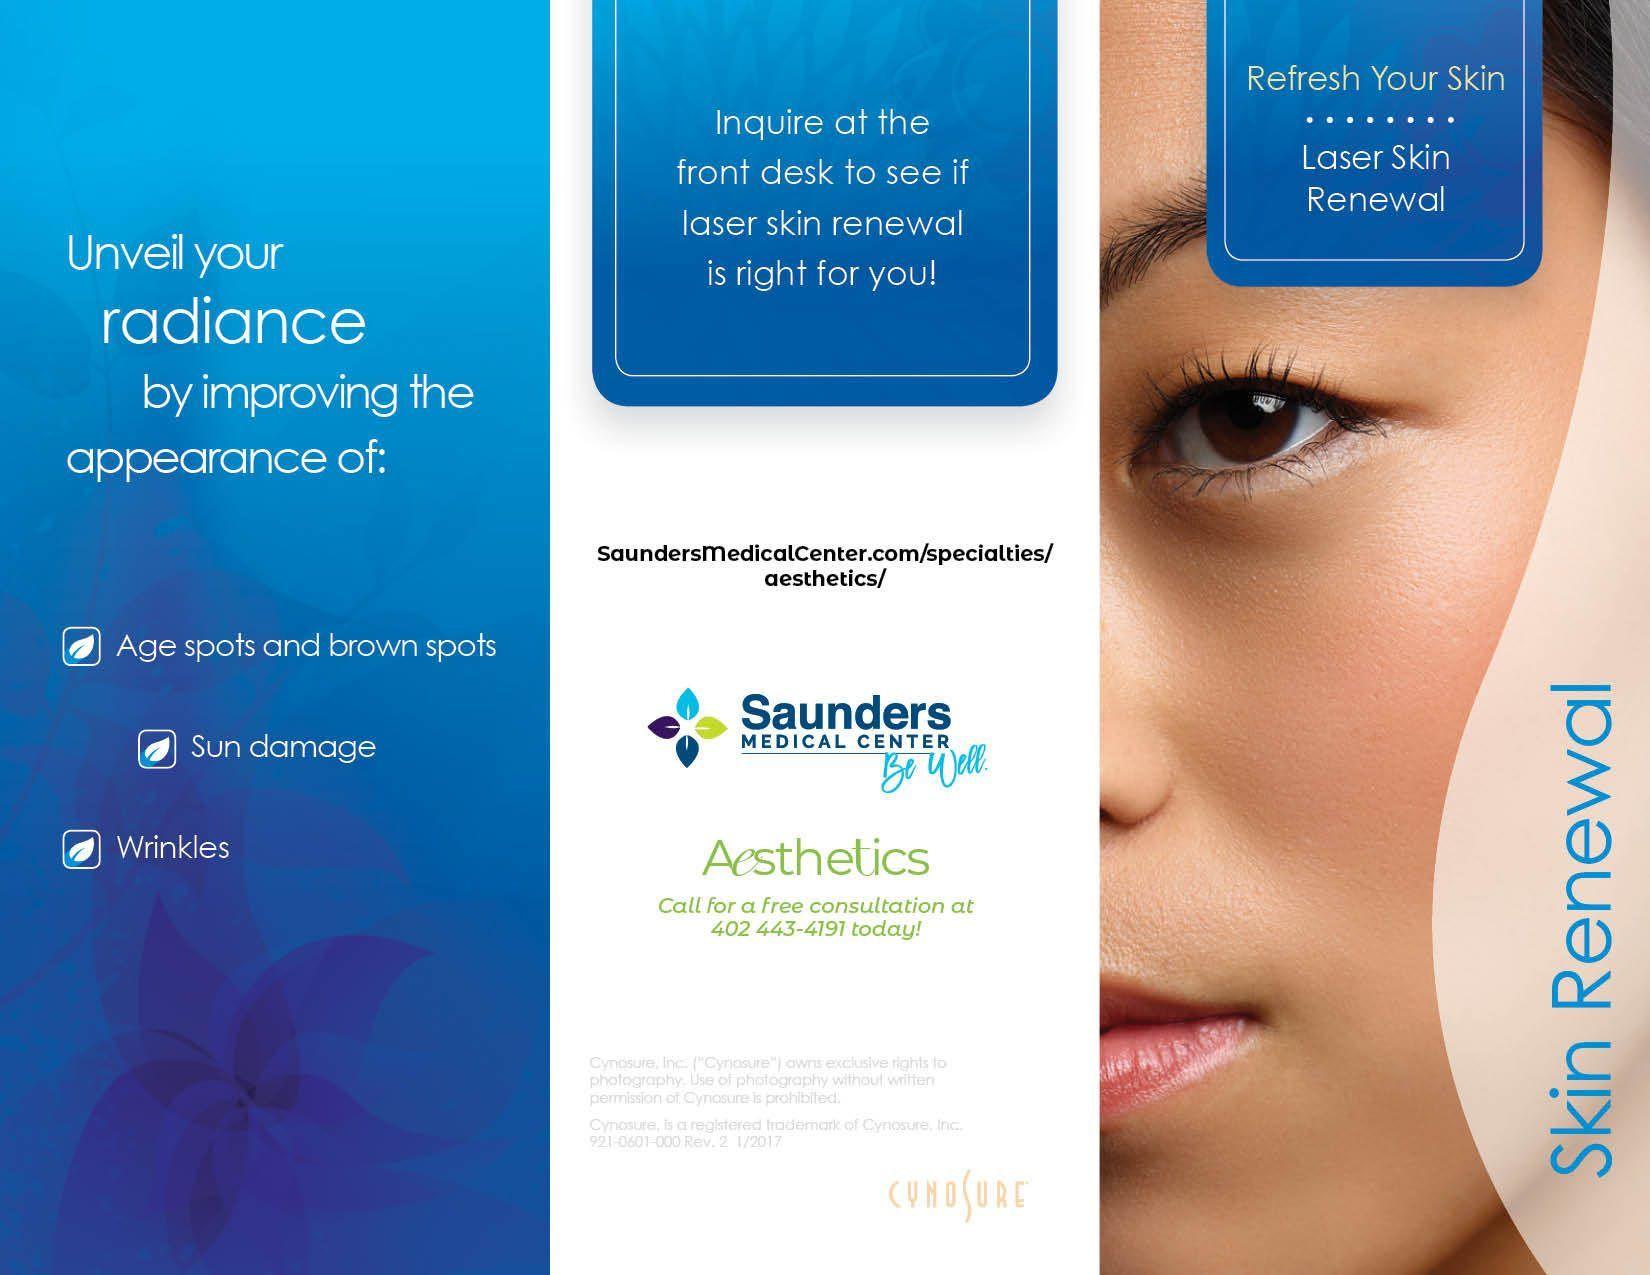 More on Skin Renewal